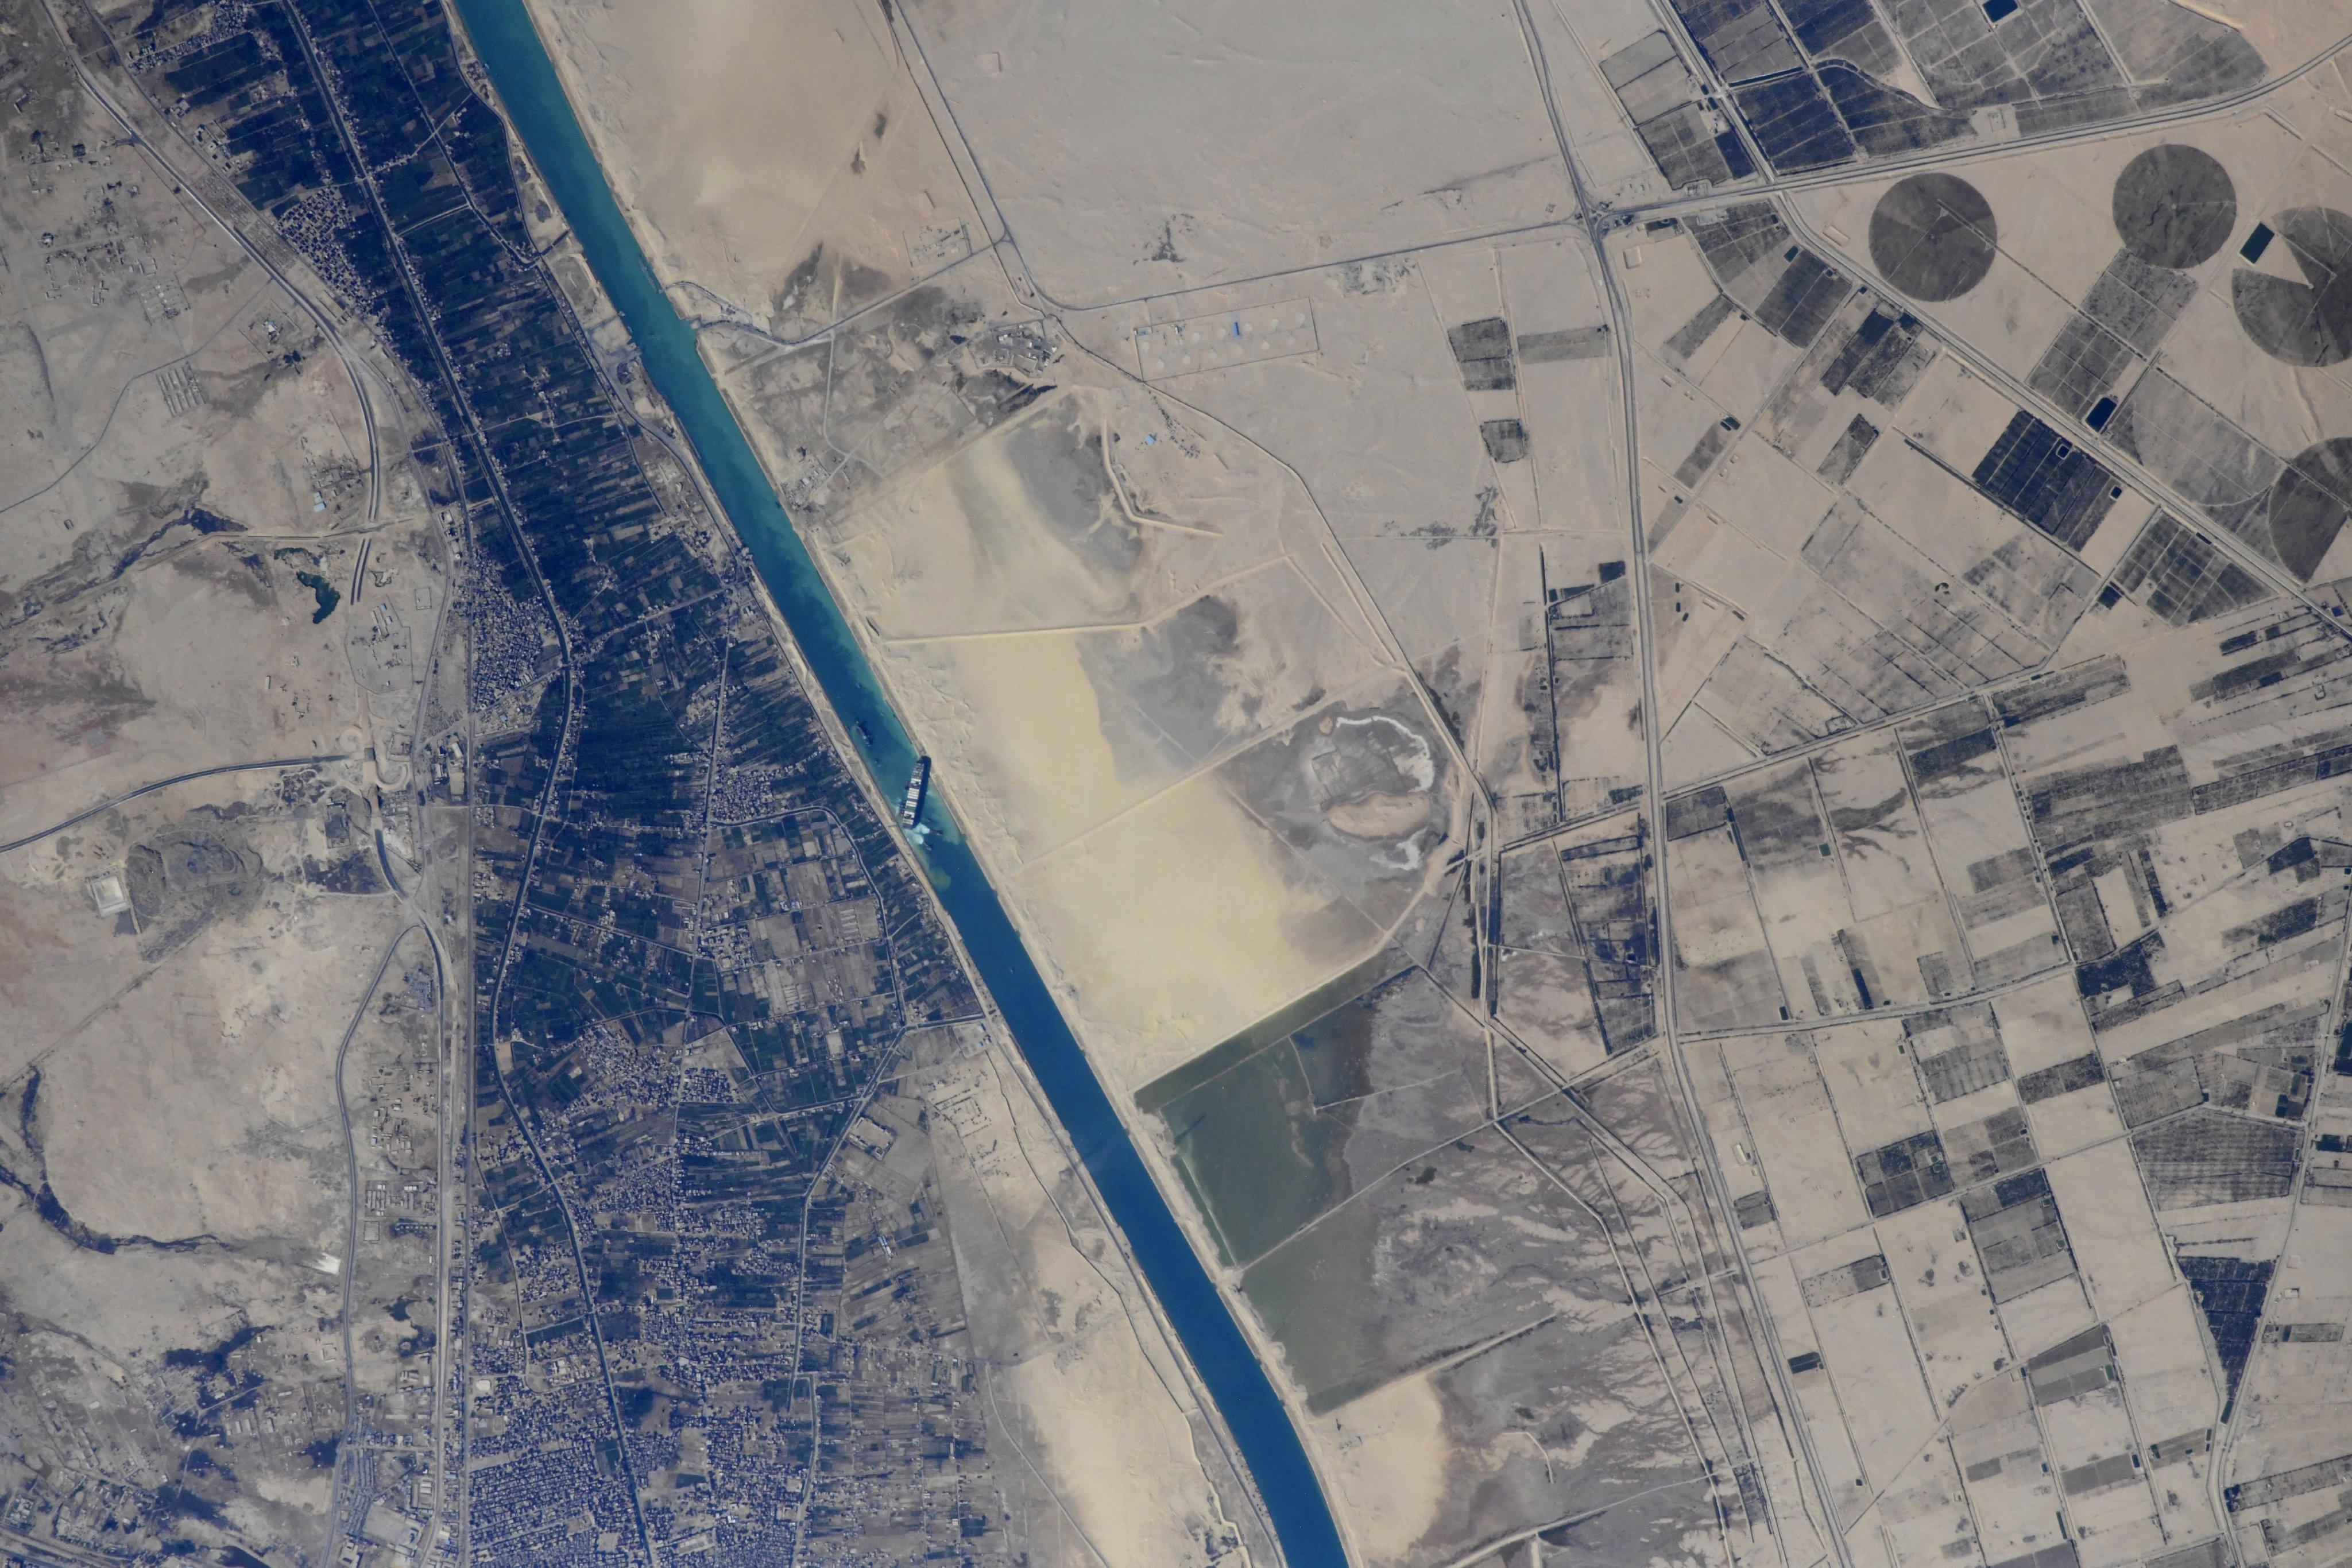 Le cosmonaute russe Sergey Kud-Sverchkov a partagé des images prises depuis la Station spatiale internationale du cargo Ever Given coincé de travers dans le canal de Suez le 27 mars 2021.